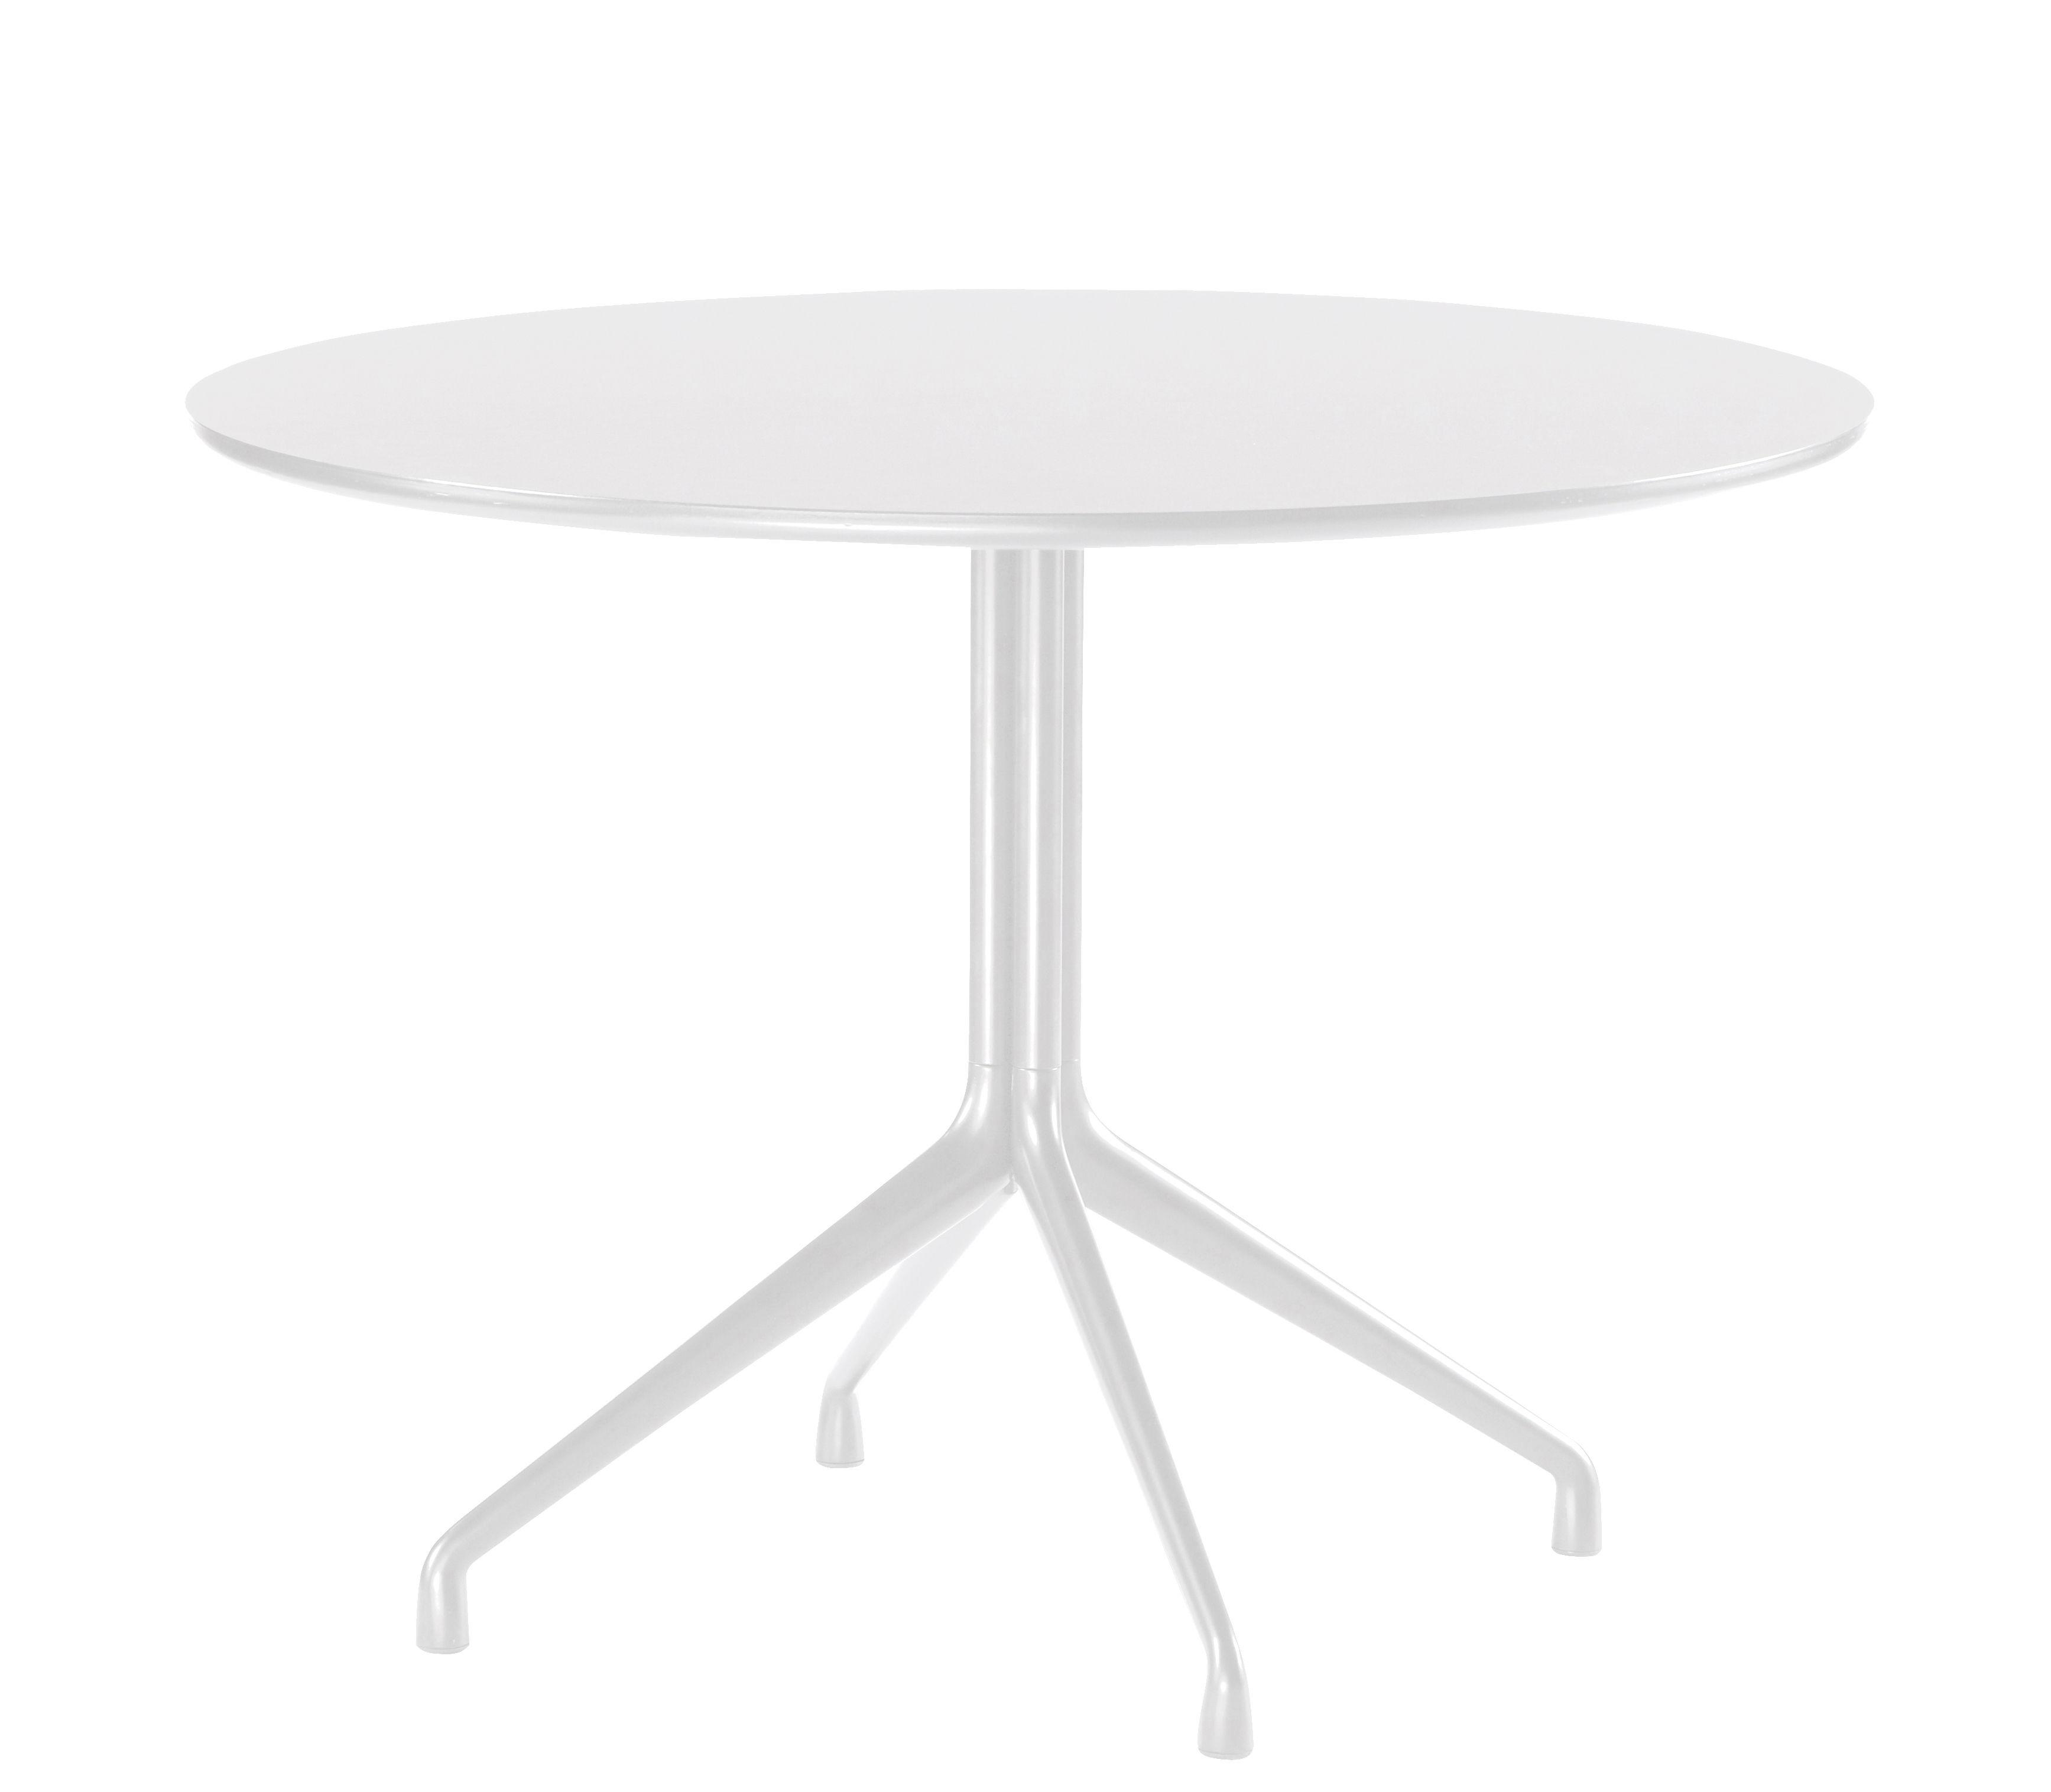 Mobilier - Tables - Table About a Table / Ø 80 cm - Hay - Blanc - Fonte d'aluminium, Linoleum verni